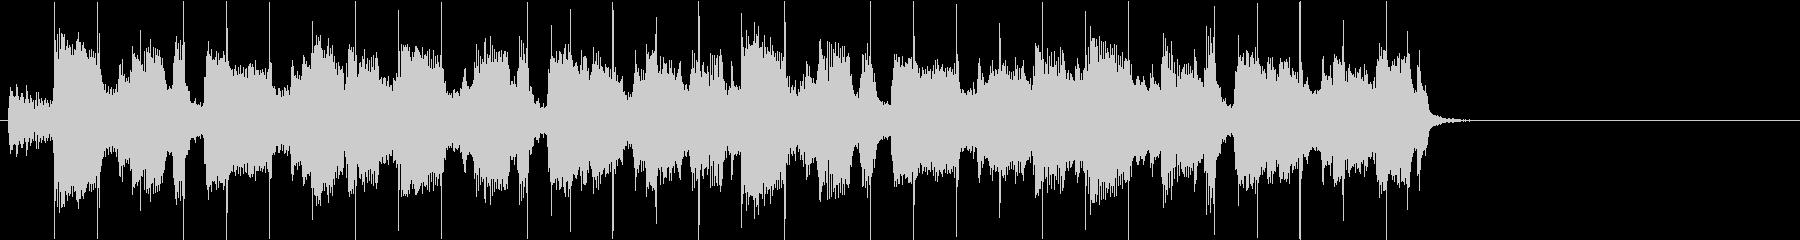 生楽器系メインでリズミカルなBGMの未再生の波形